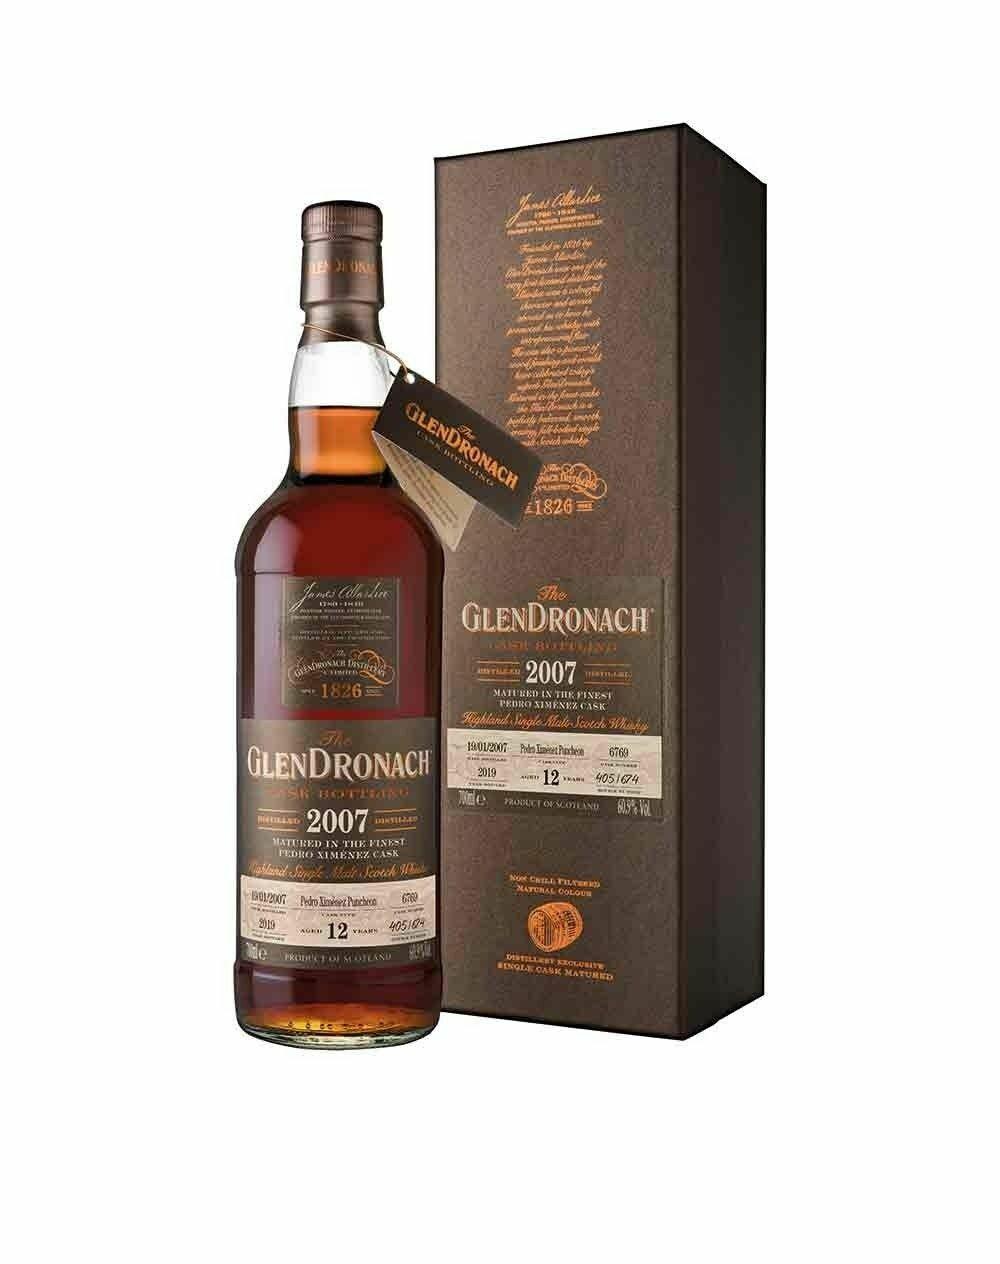 GlenDronach Cask Bottling 2007 PX 60.9% 70CL